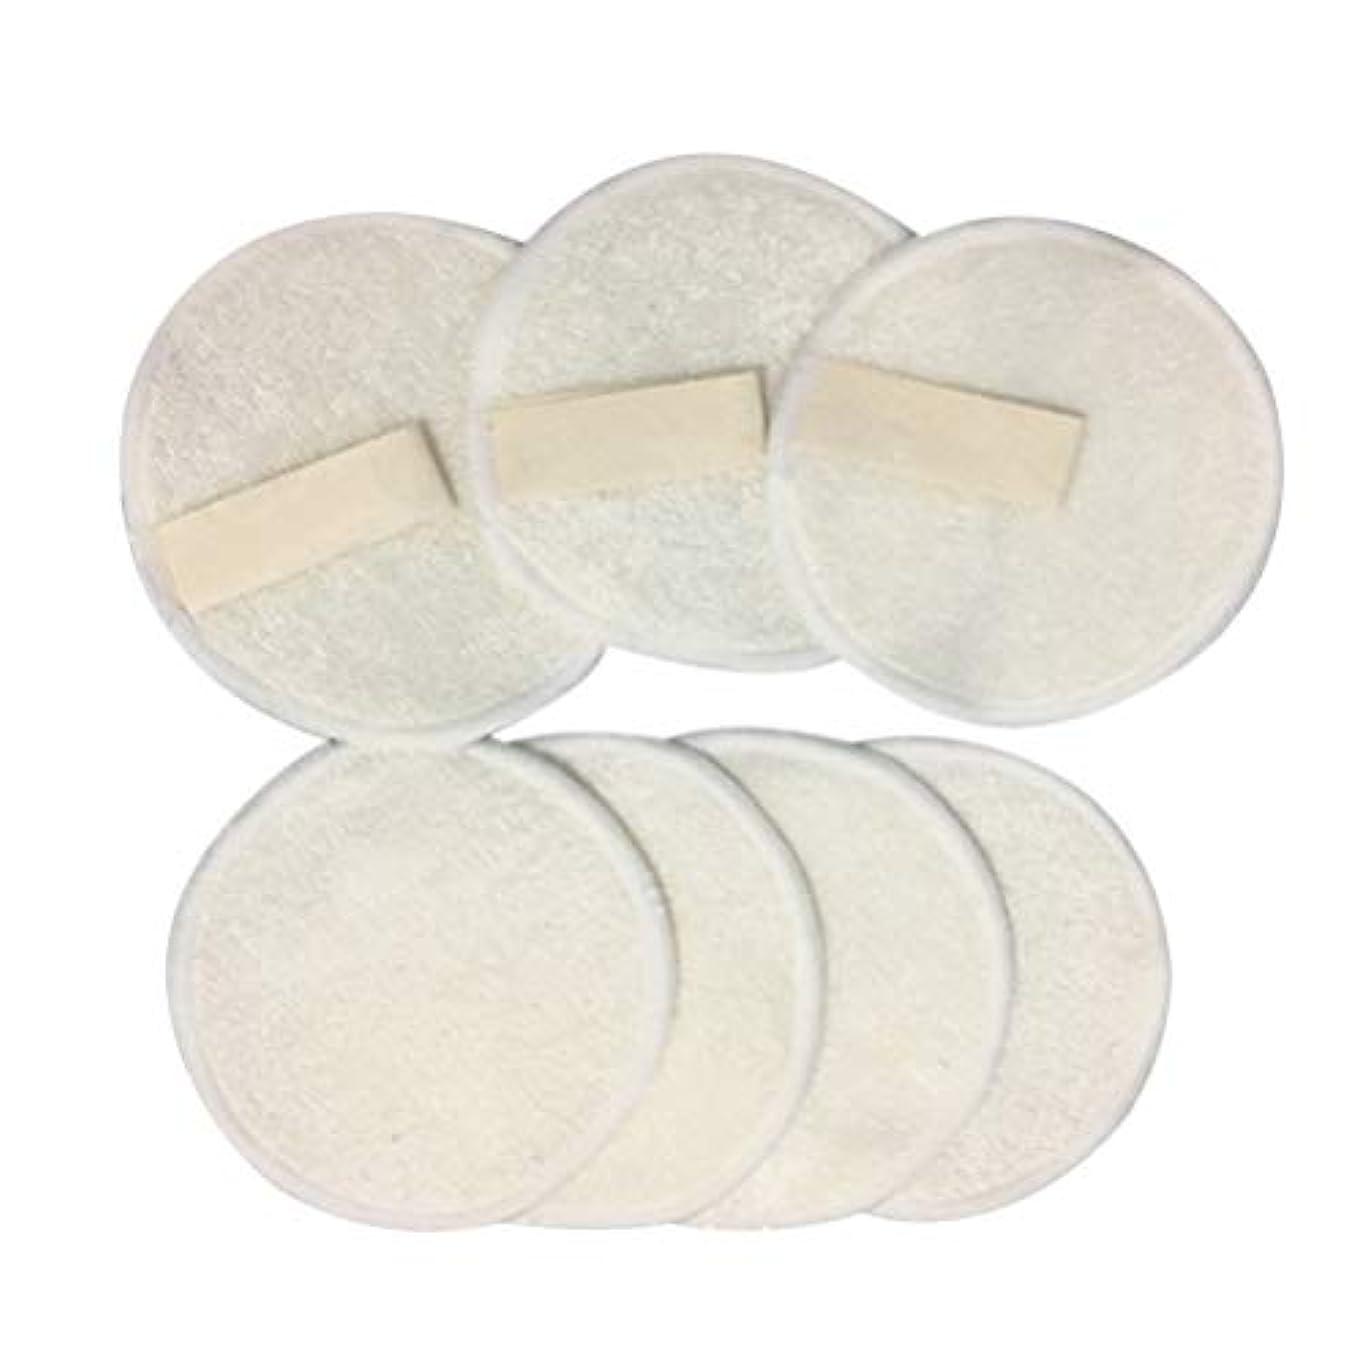 ユニークな葉外科医SUPVOX 竹コットンパッド 天然コットン 化粧リムーバーパッド 再利用可能 化粧落としパッド メイク落とし 10枚セット 洗い簡単